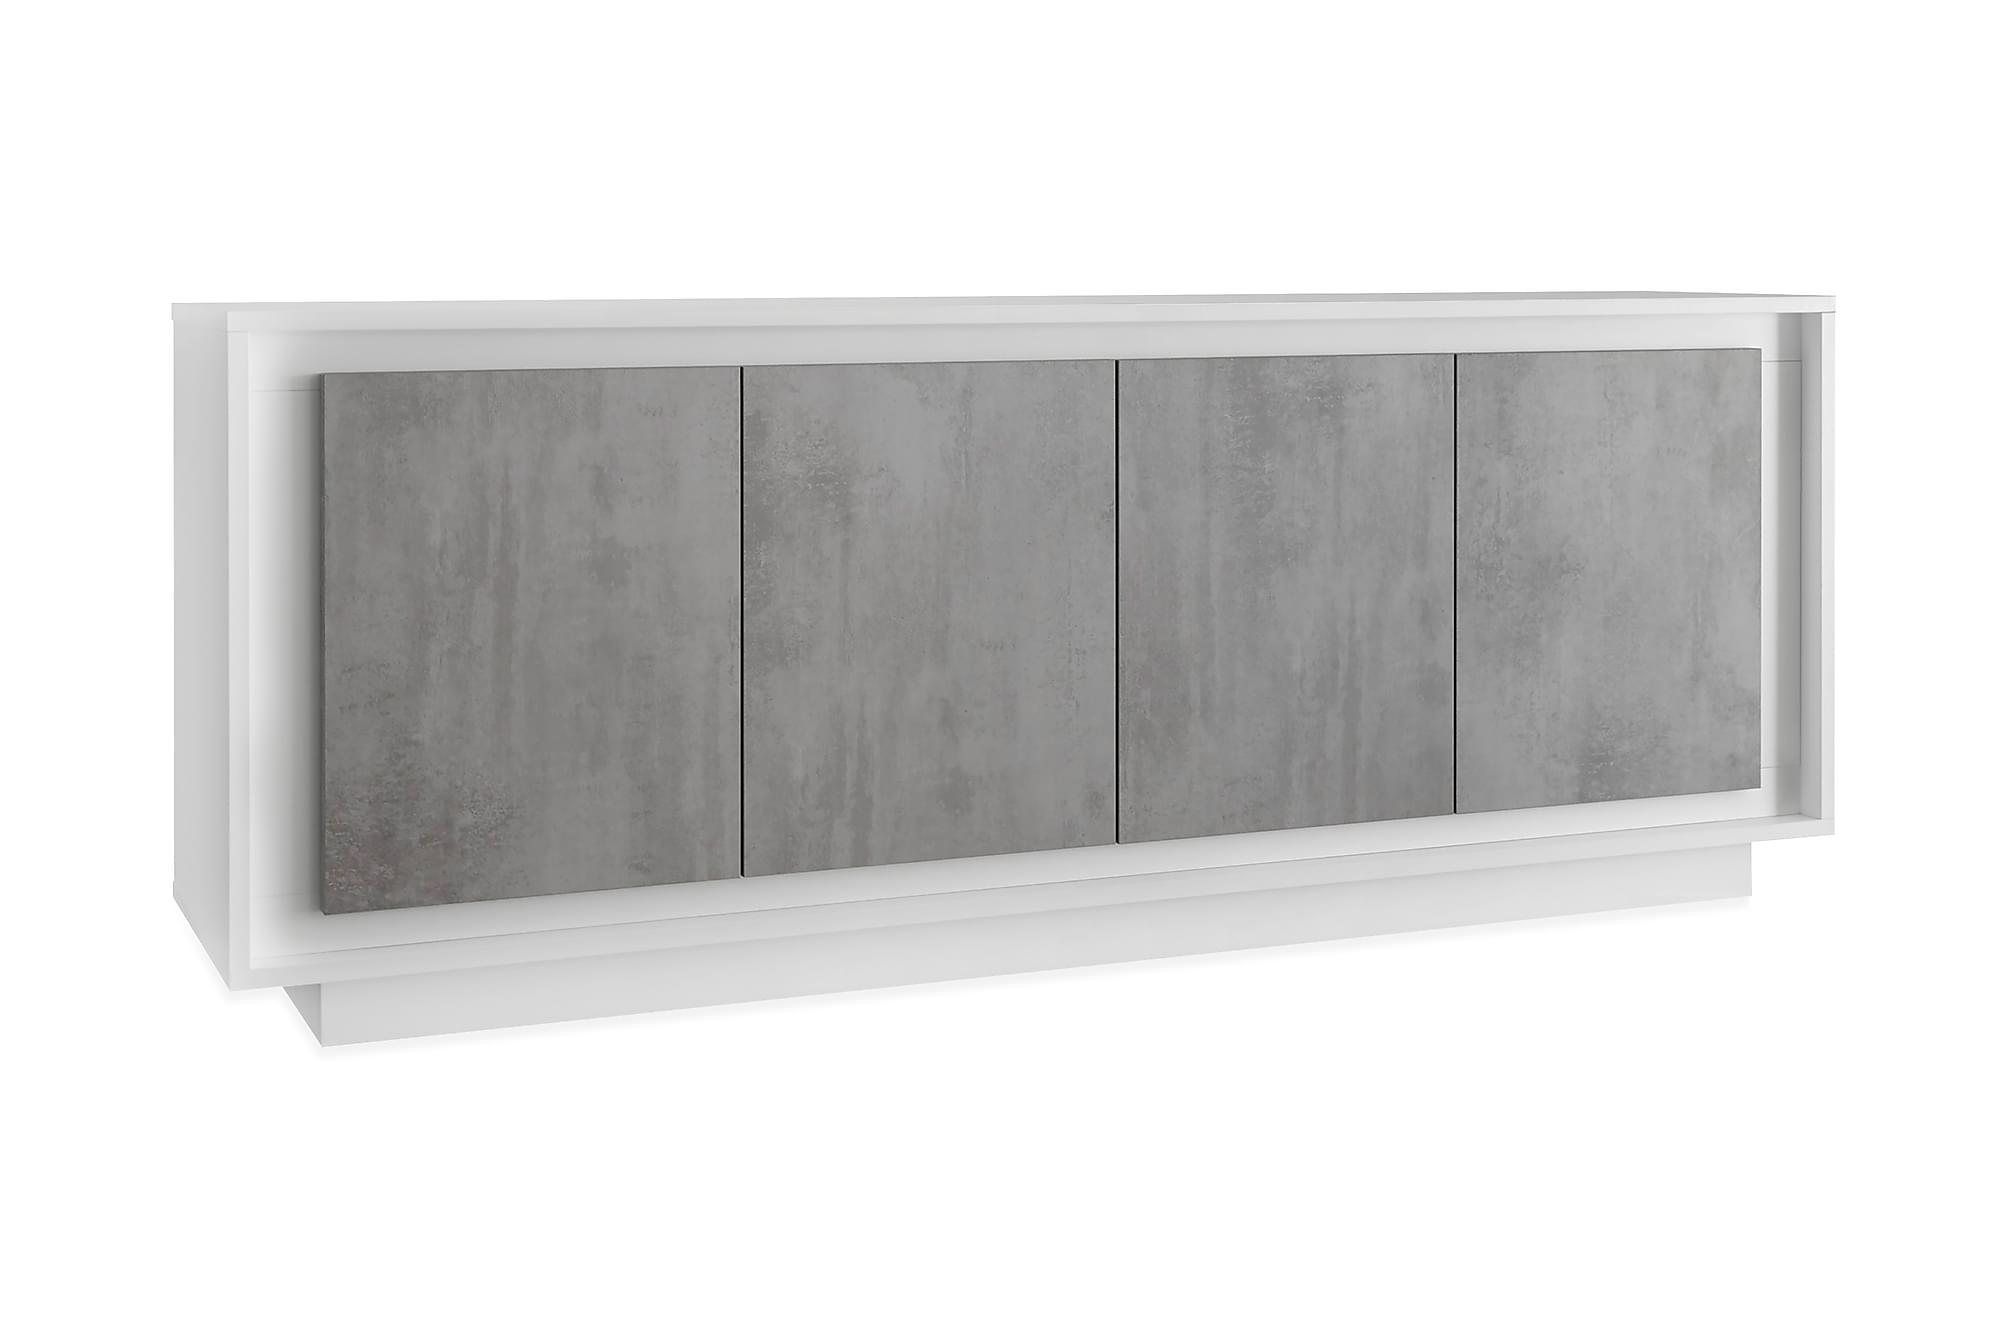 AIMILIO Sideboard 207 Vit/Grå, Sideboards